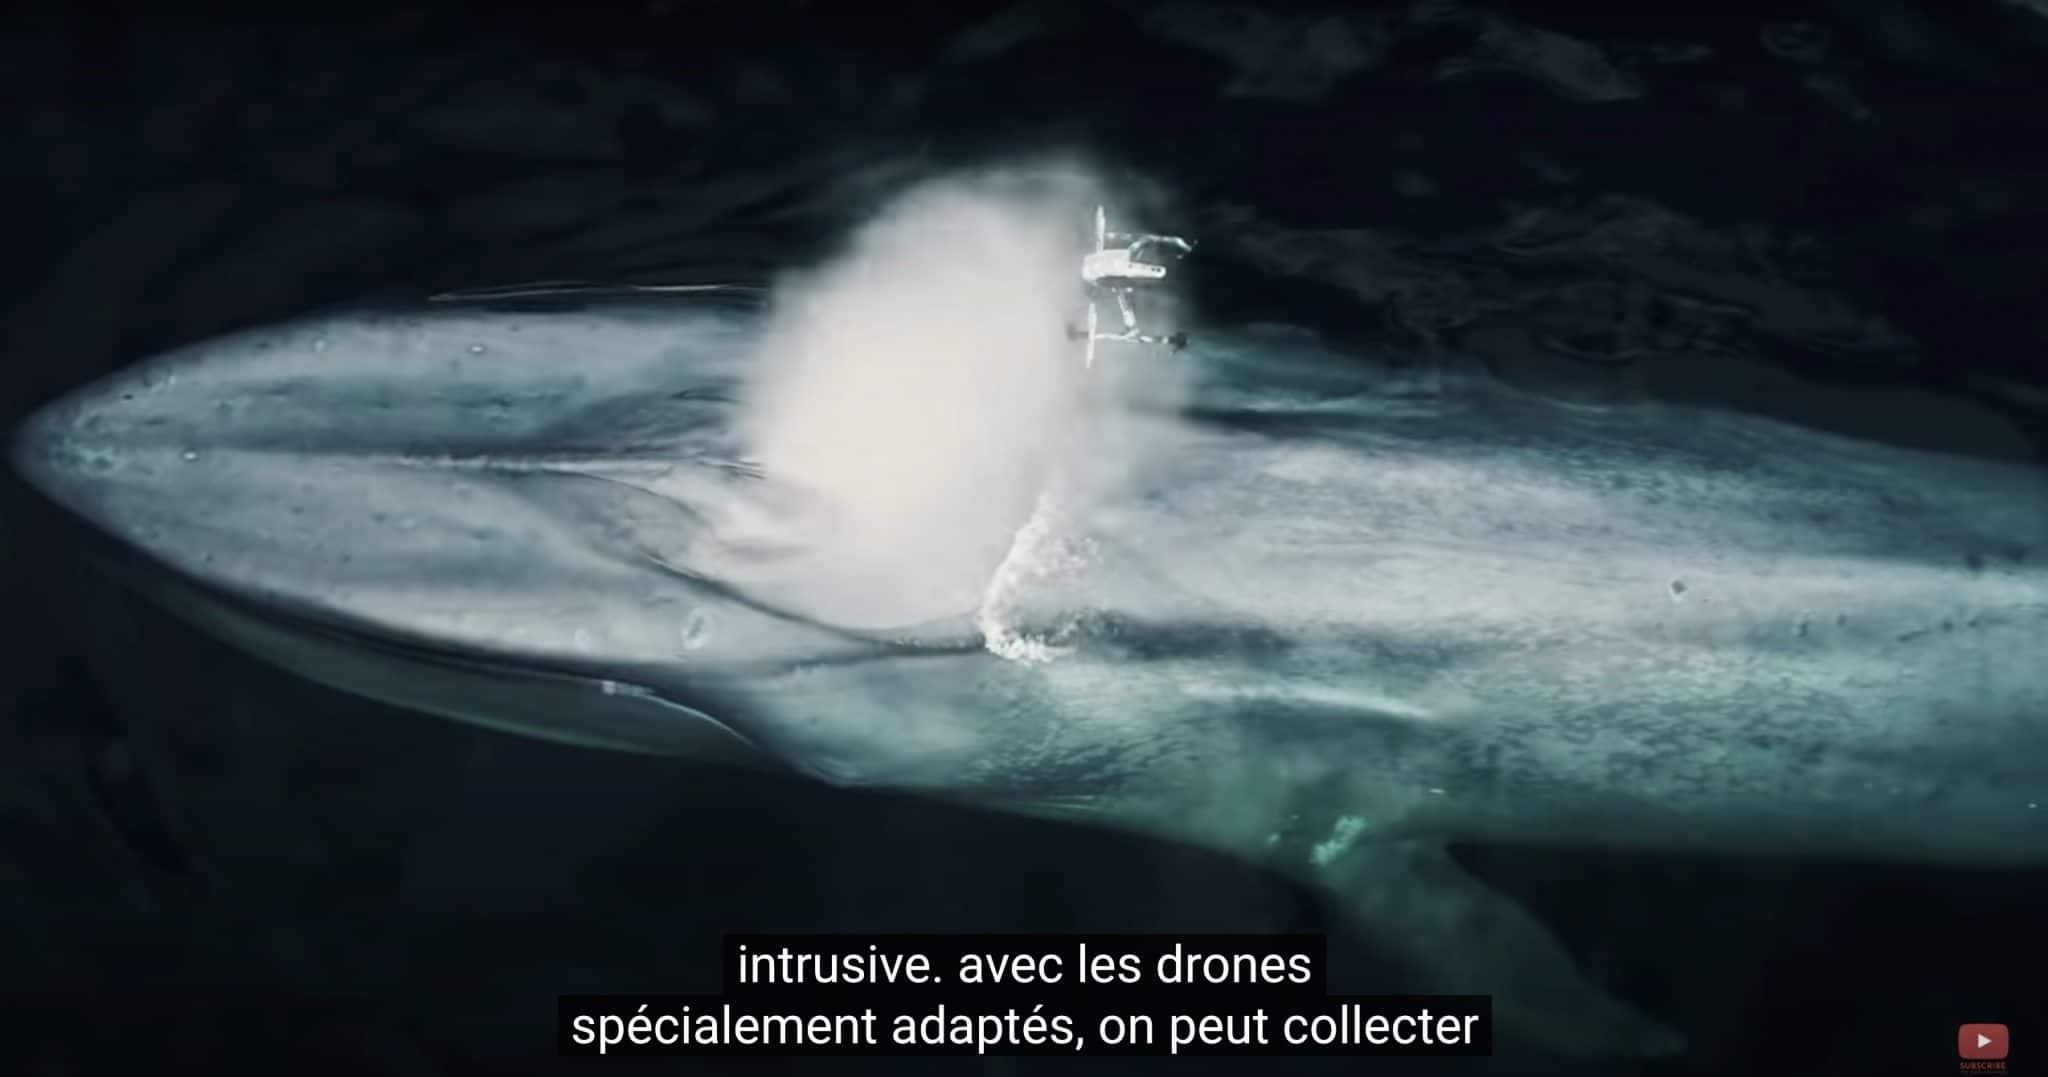 baleine drone